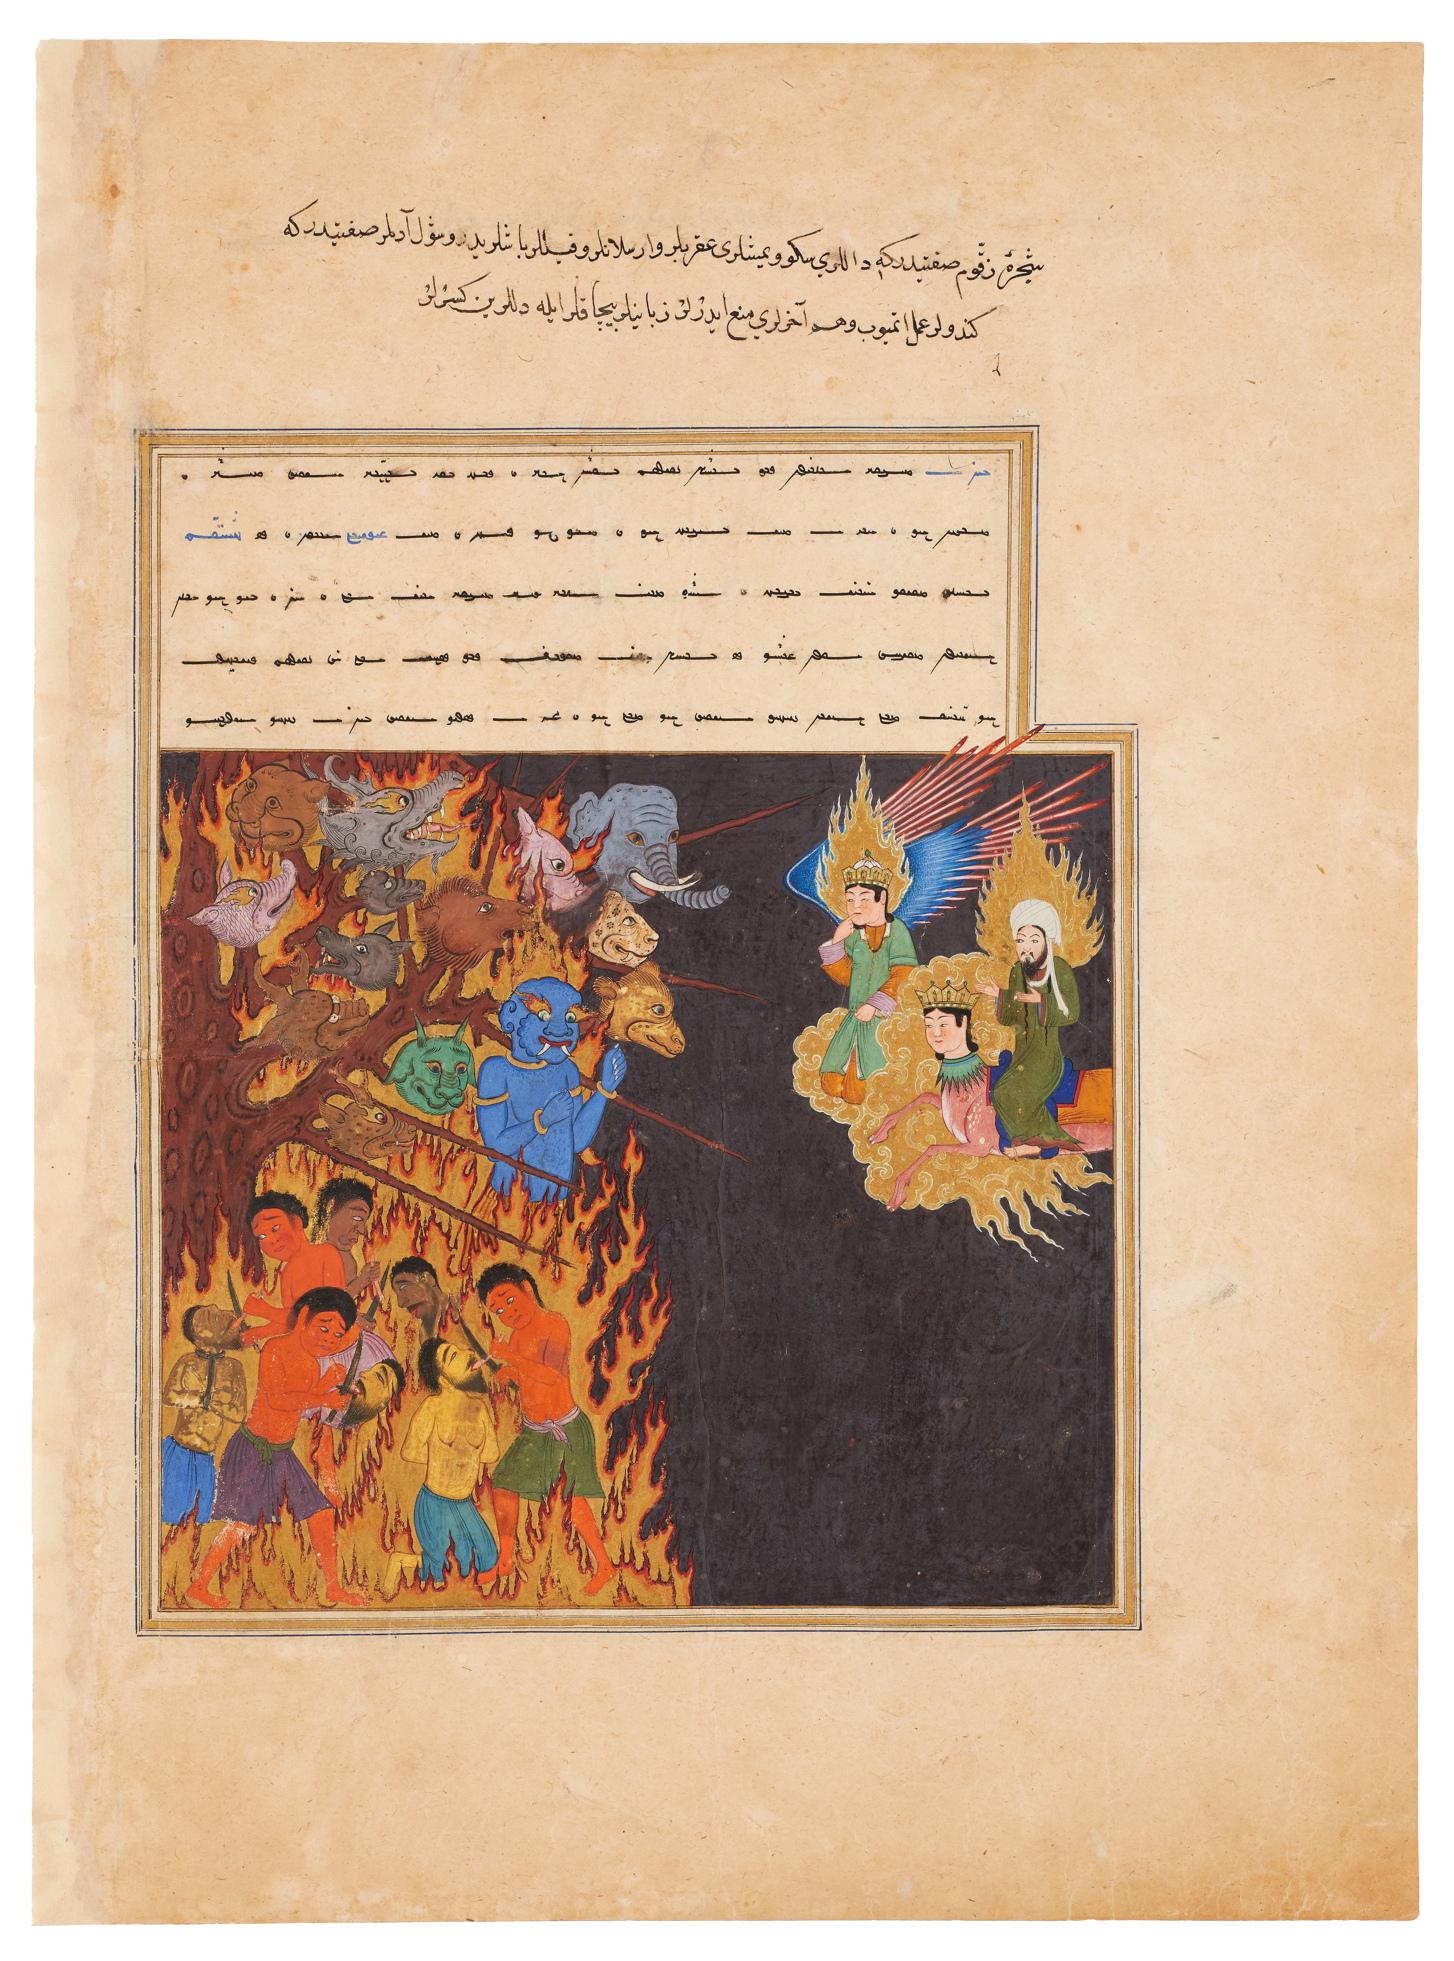 Hel – leeswerk arabisch en islam